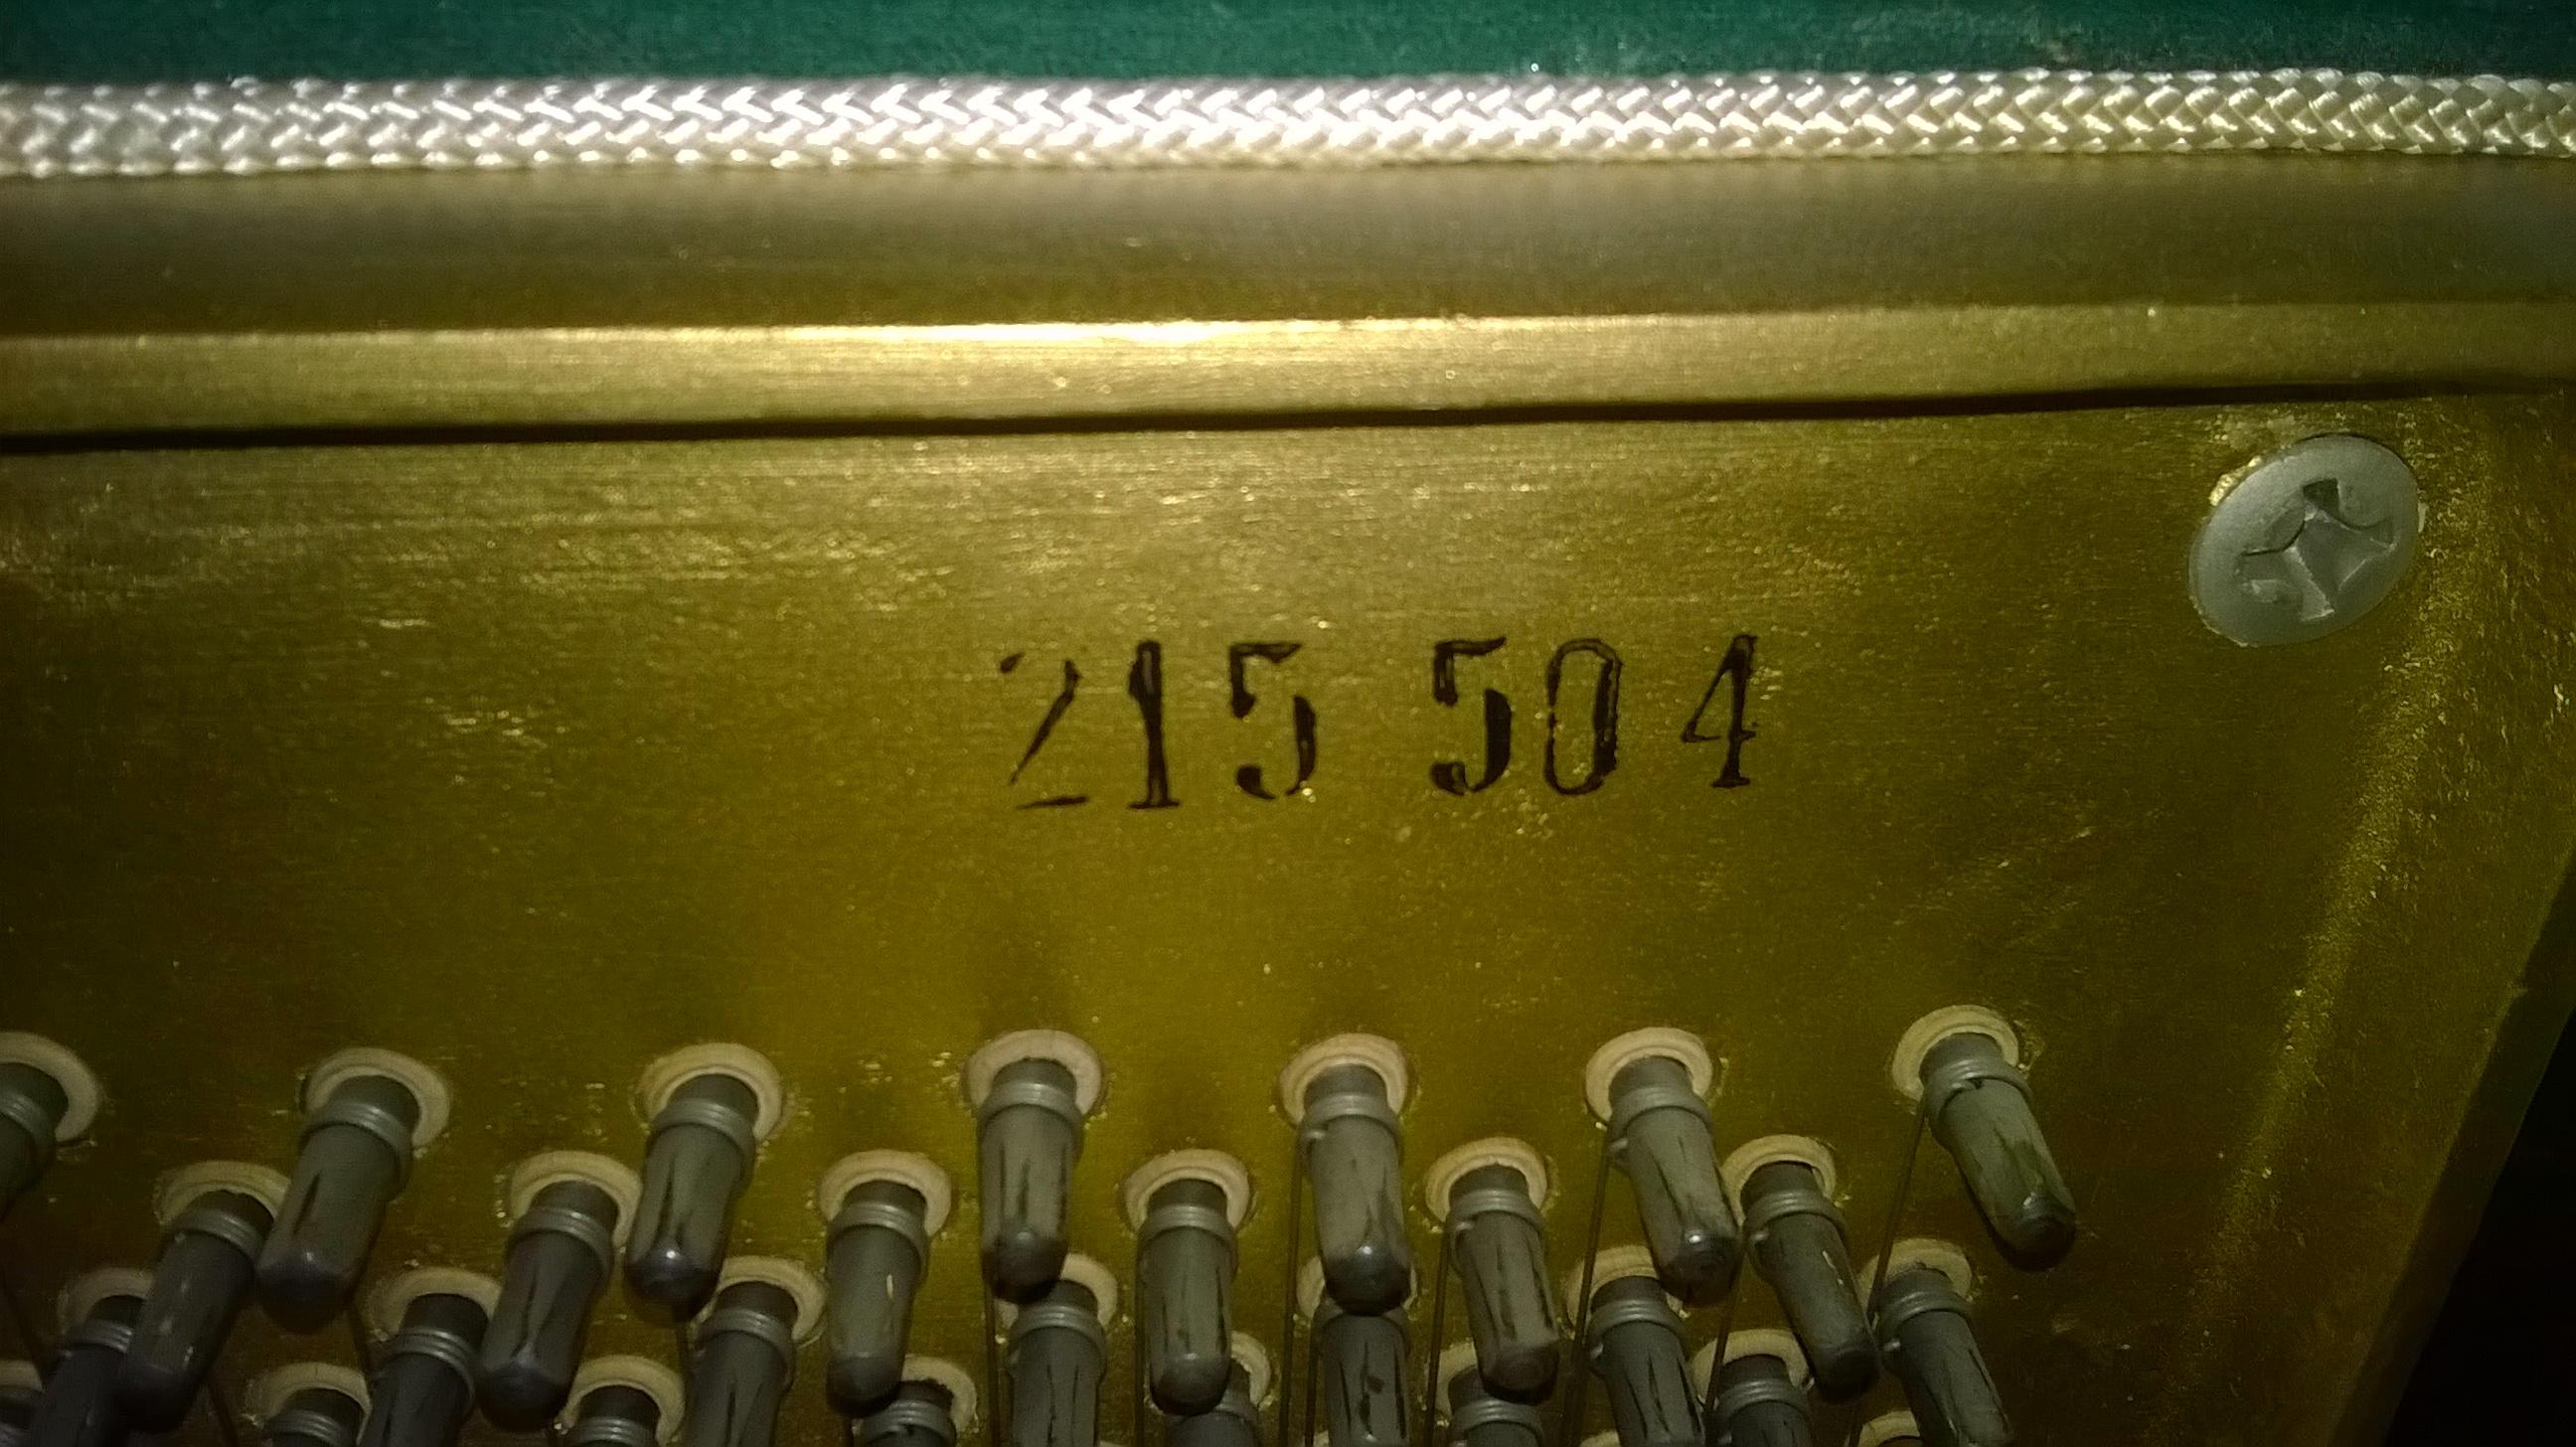 Numer seryjny na ramie żeliwnej w pianinie